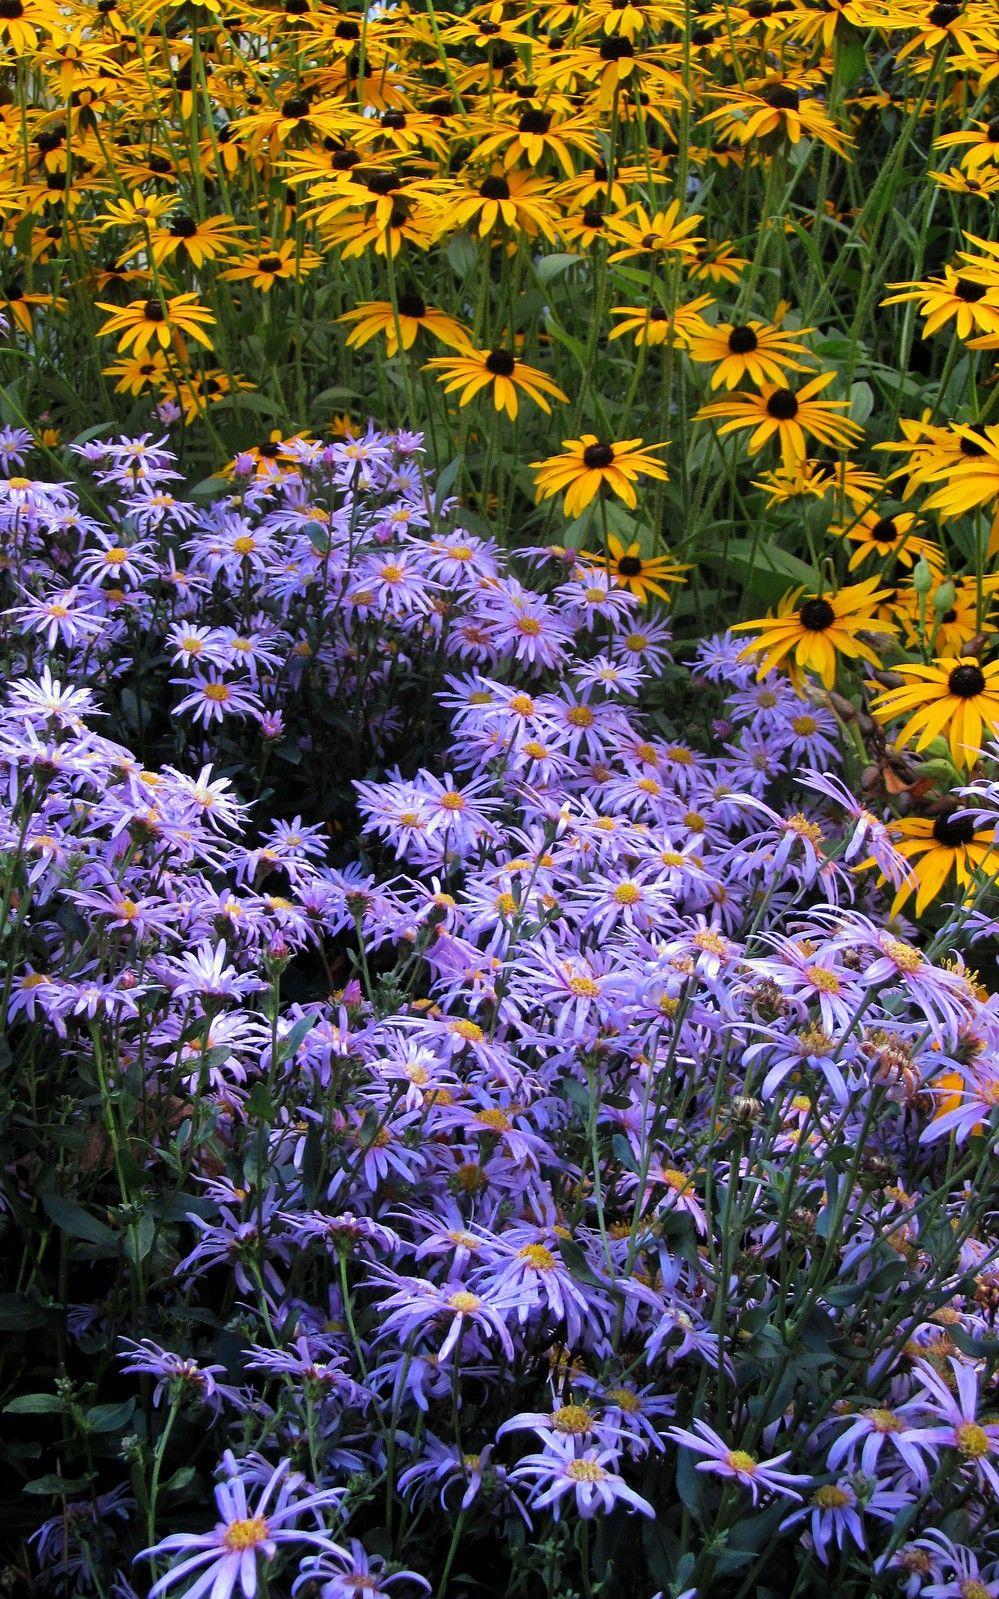 Visiting The Picton Garden Picton, Garden, Plants